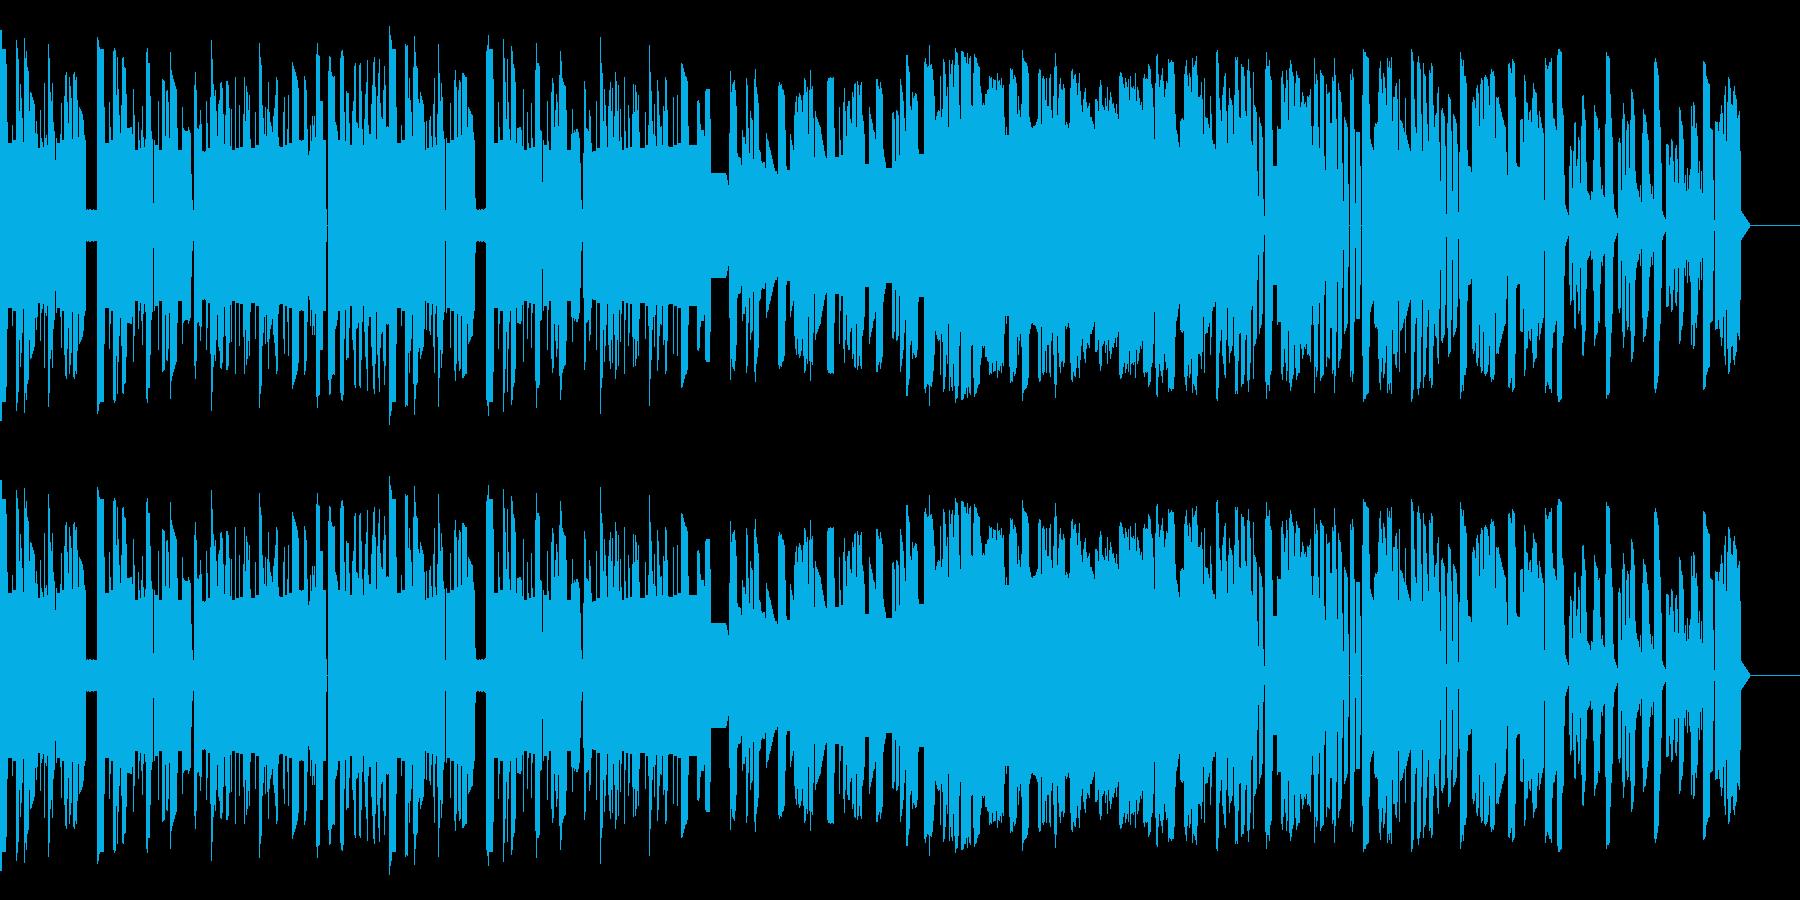 ファミコン音源による冒険感のある曲の再生済みの波形